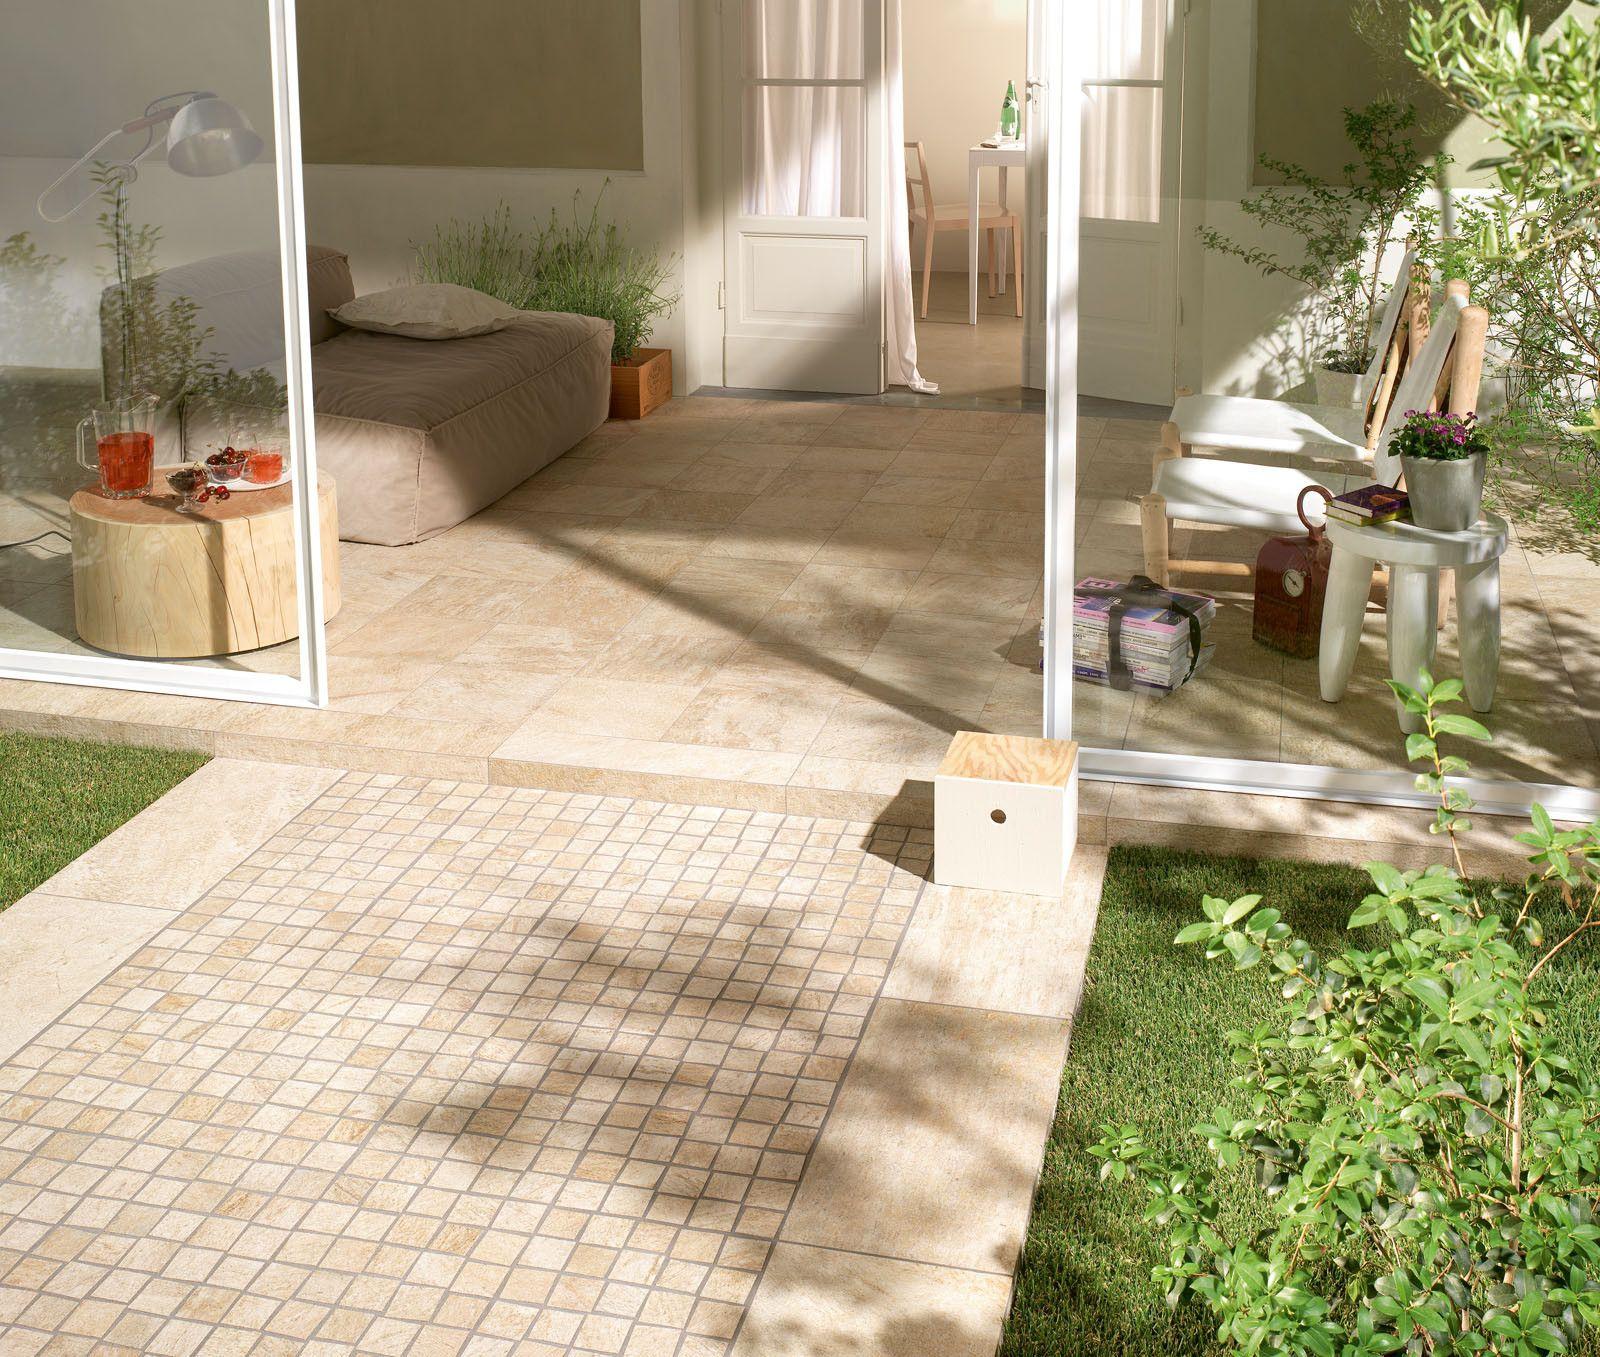 Marazzi Multiquartz Mosaico Beige 30x60 cm MJRZ Gres